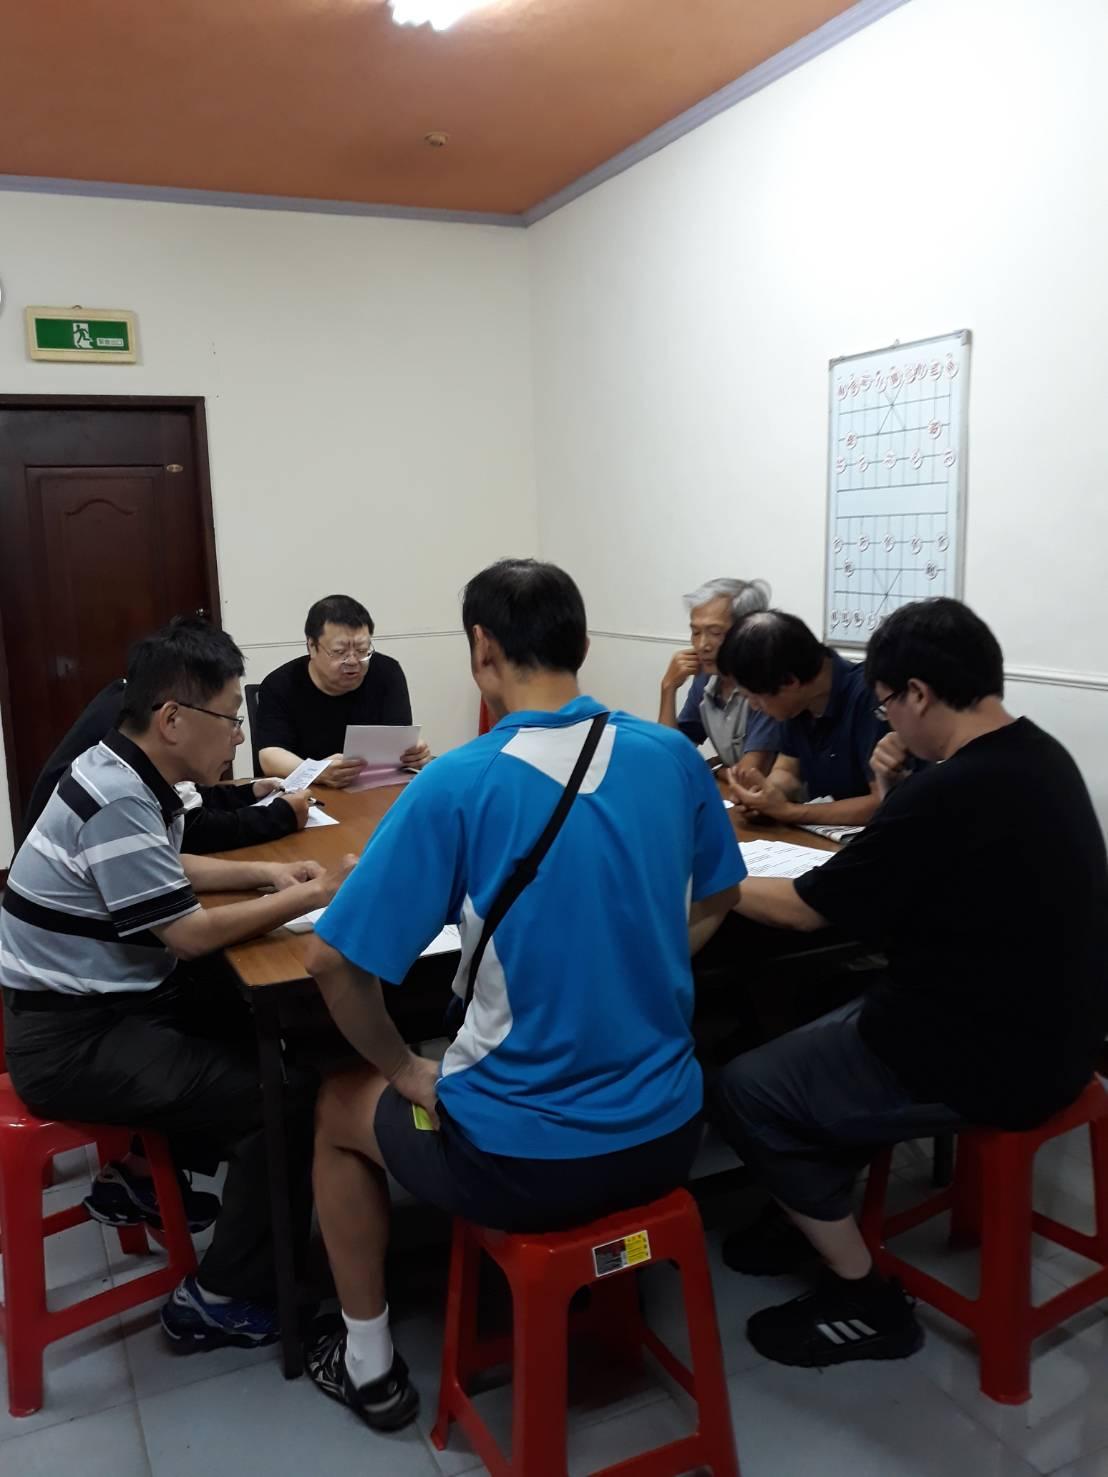 桃園市象棋發展協會第一次籌備會議4